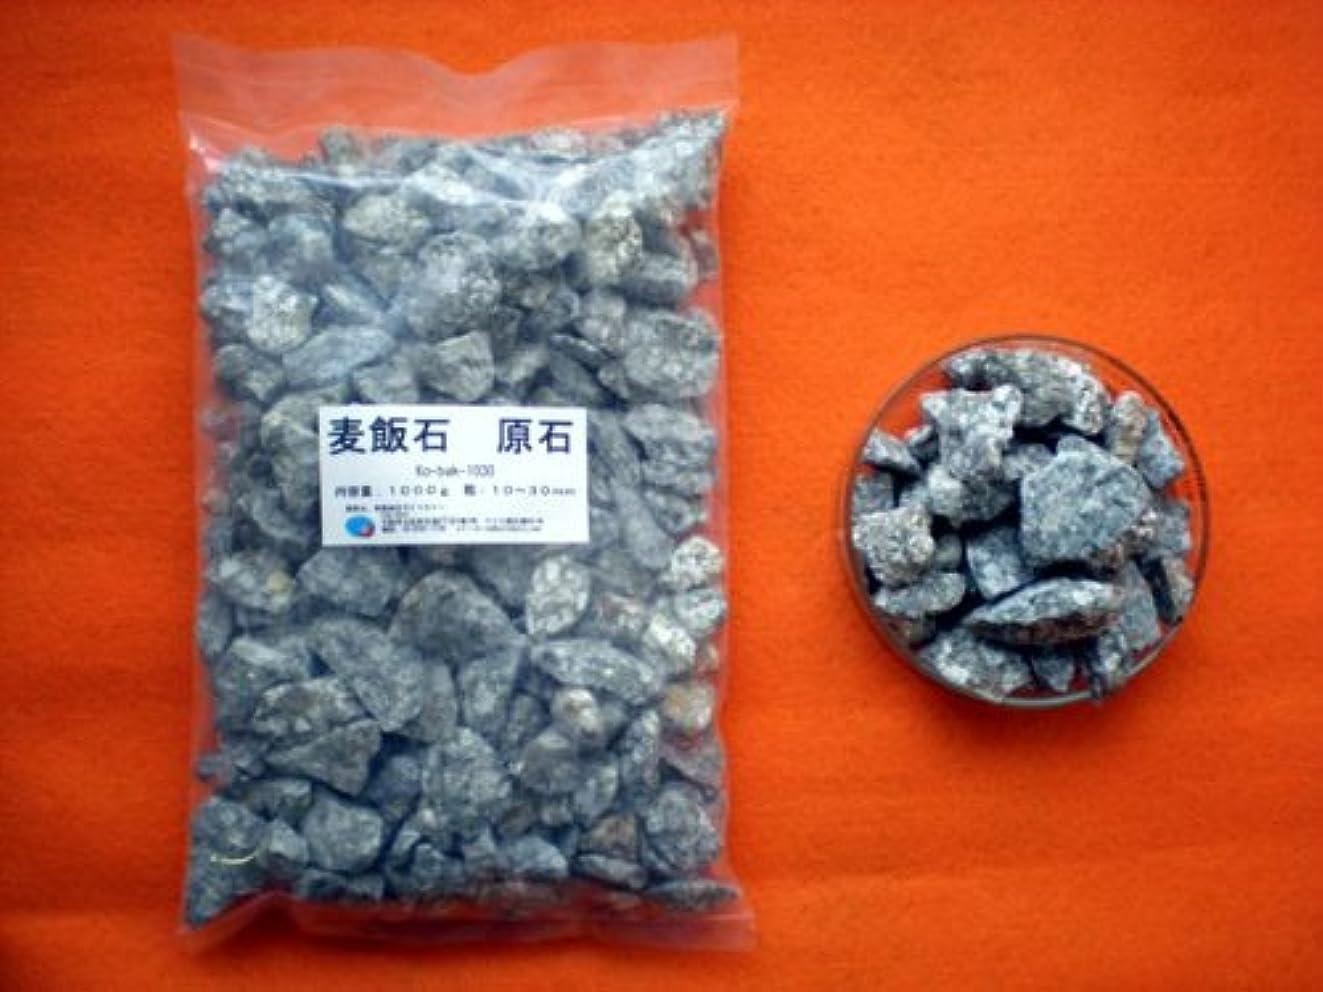 シャーク結婚楽しい麦飯石 原石 [美濃白川町] 1000g/サイズ10-30mm